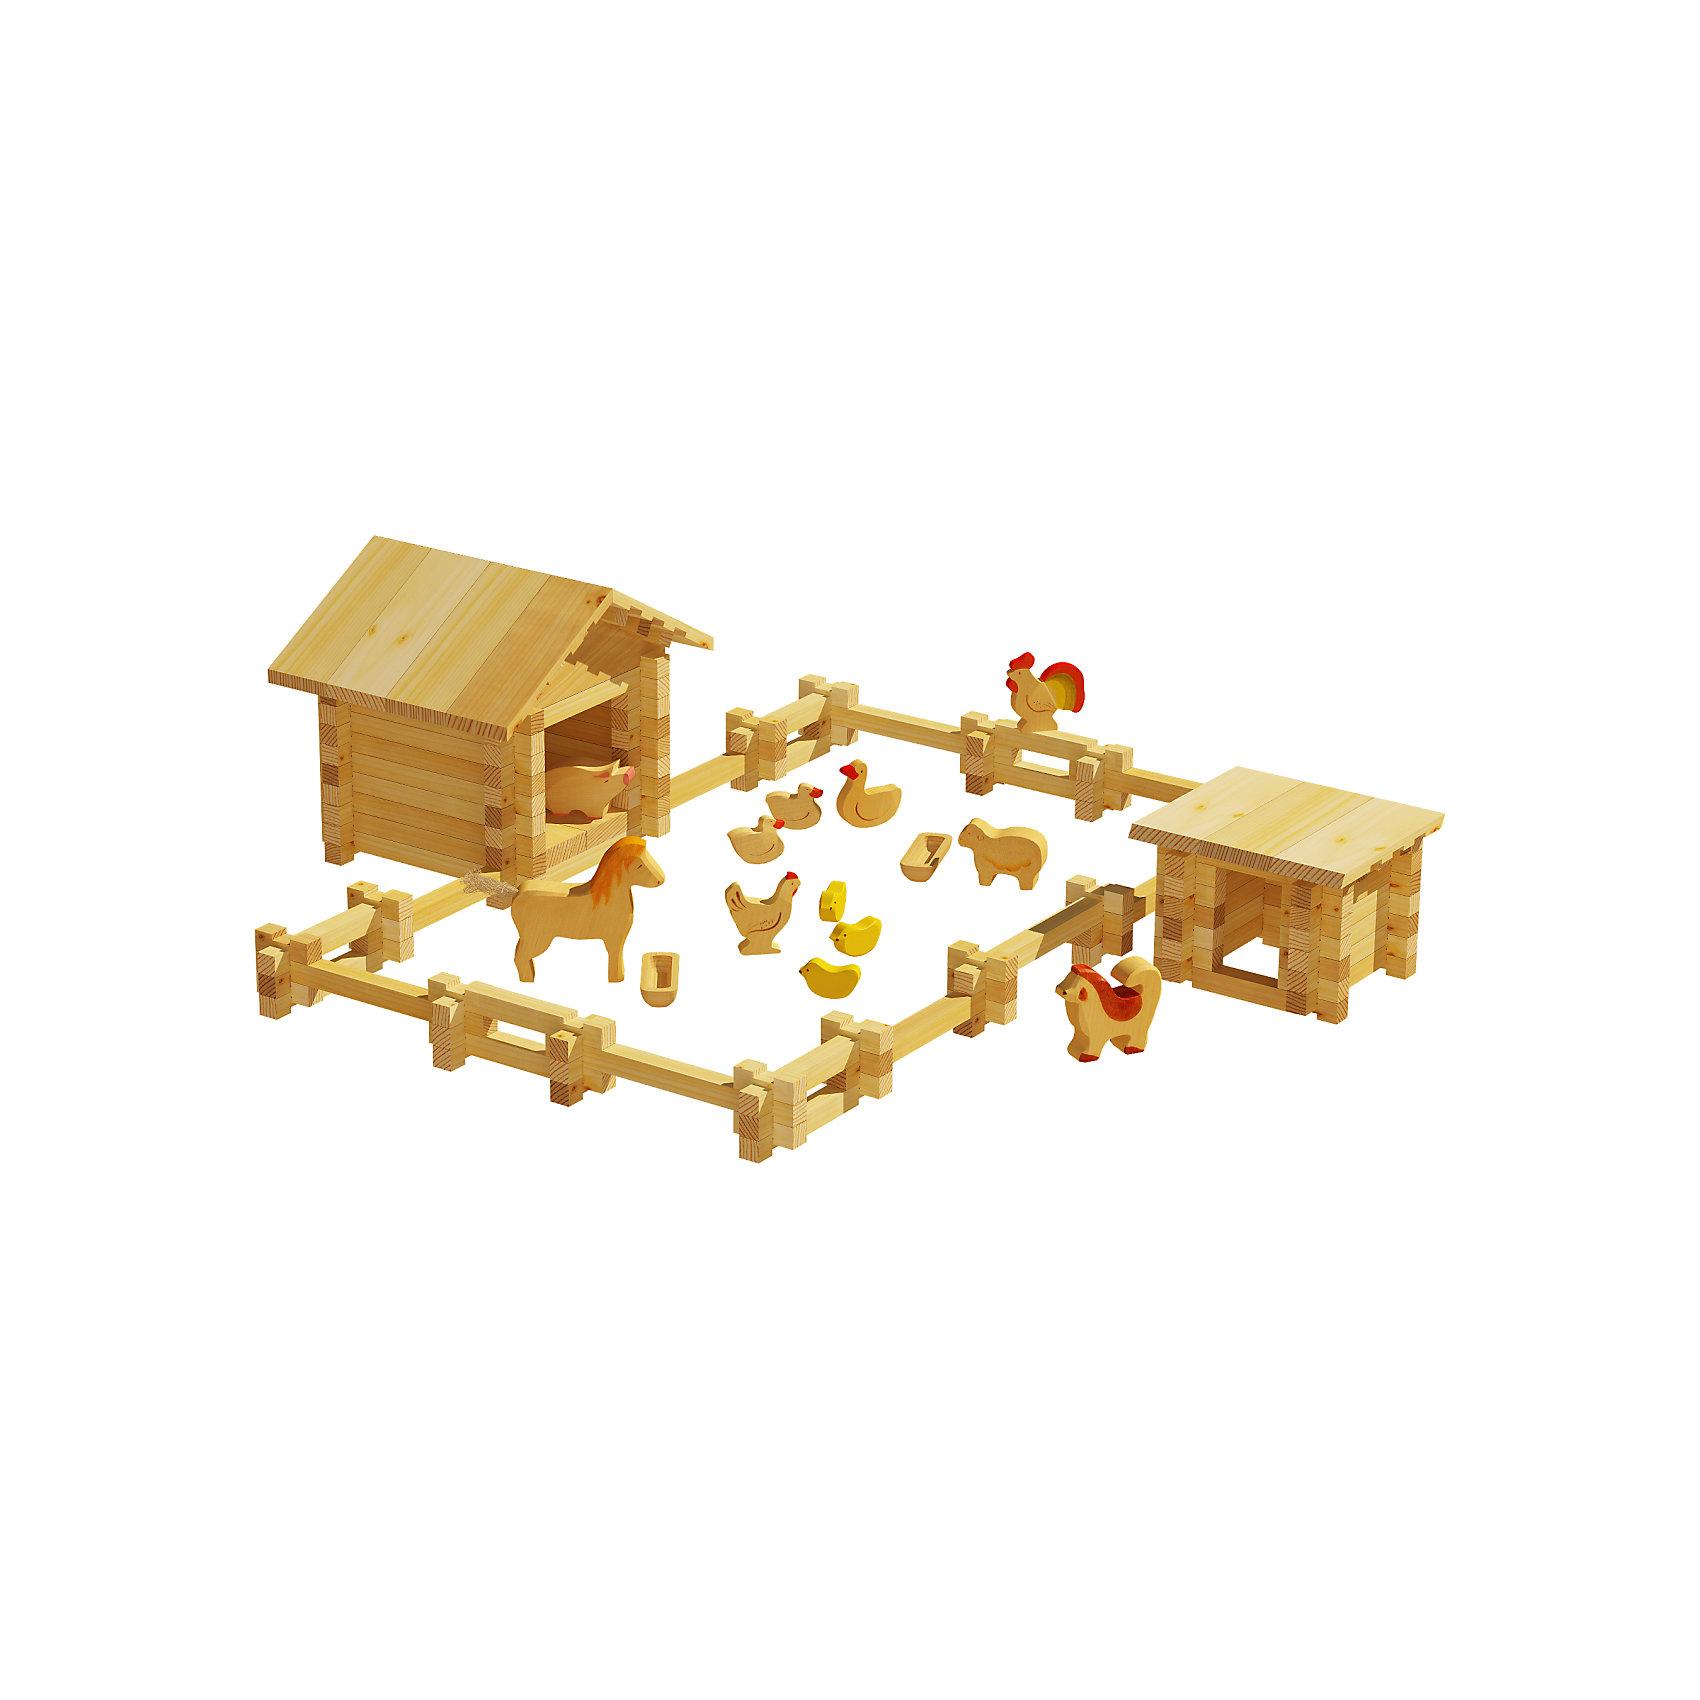 Конструктор Солнечная ферма №2, 180 деталей, ЛЕСОВИЧОКДеревянные конструкторы<br>Конструктор Солнечная ферма №2, 180 деталей, ЛЕСОВИЧОК<br><br>Характеристики:<br><br>• можно собрать миниатюрную модель настоящей фермы<br>• подробная инструкция в комплекте<br>• материал: дерево<br>• количество деталей: 180<br>• размер упаковки: 10х40х35 см<br>• вес: 863 грамма<br><br>Конструктор Солнечная ферма №2 придется по вкусу начинающим архитекторам. Из 180 деталей ребенок сможет собрать миниатюрную копию настоящей фермы с загоном и животными. Все детали легко соединяются друг с другом и подходят к другим наборам Солнечная ферма. Детали выполнены из дерева, что делает их полностью безопасными для ребенка. Подробная инструкция поможет не ошибиться в процессе сборки. Конструктор помогает развить моторику рук, внимательность и мелкую моторику.<br><br>Конструктор Солнечная ферма №2, 180 деталей, ЛЕСОВИЧОК можно купить в нашем интернет-магазине.<br><br>Ширина мм: 265<br>Глубина мм: 290<br>Высота мм: 70<br>Вес г: 863<br>Возраст от месяцев: 36<br>Возраст до месяцев: 2147483647<br>Пол: Унисекс<br>Возраст: Детский<br>SKU: 5510776